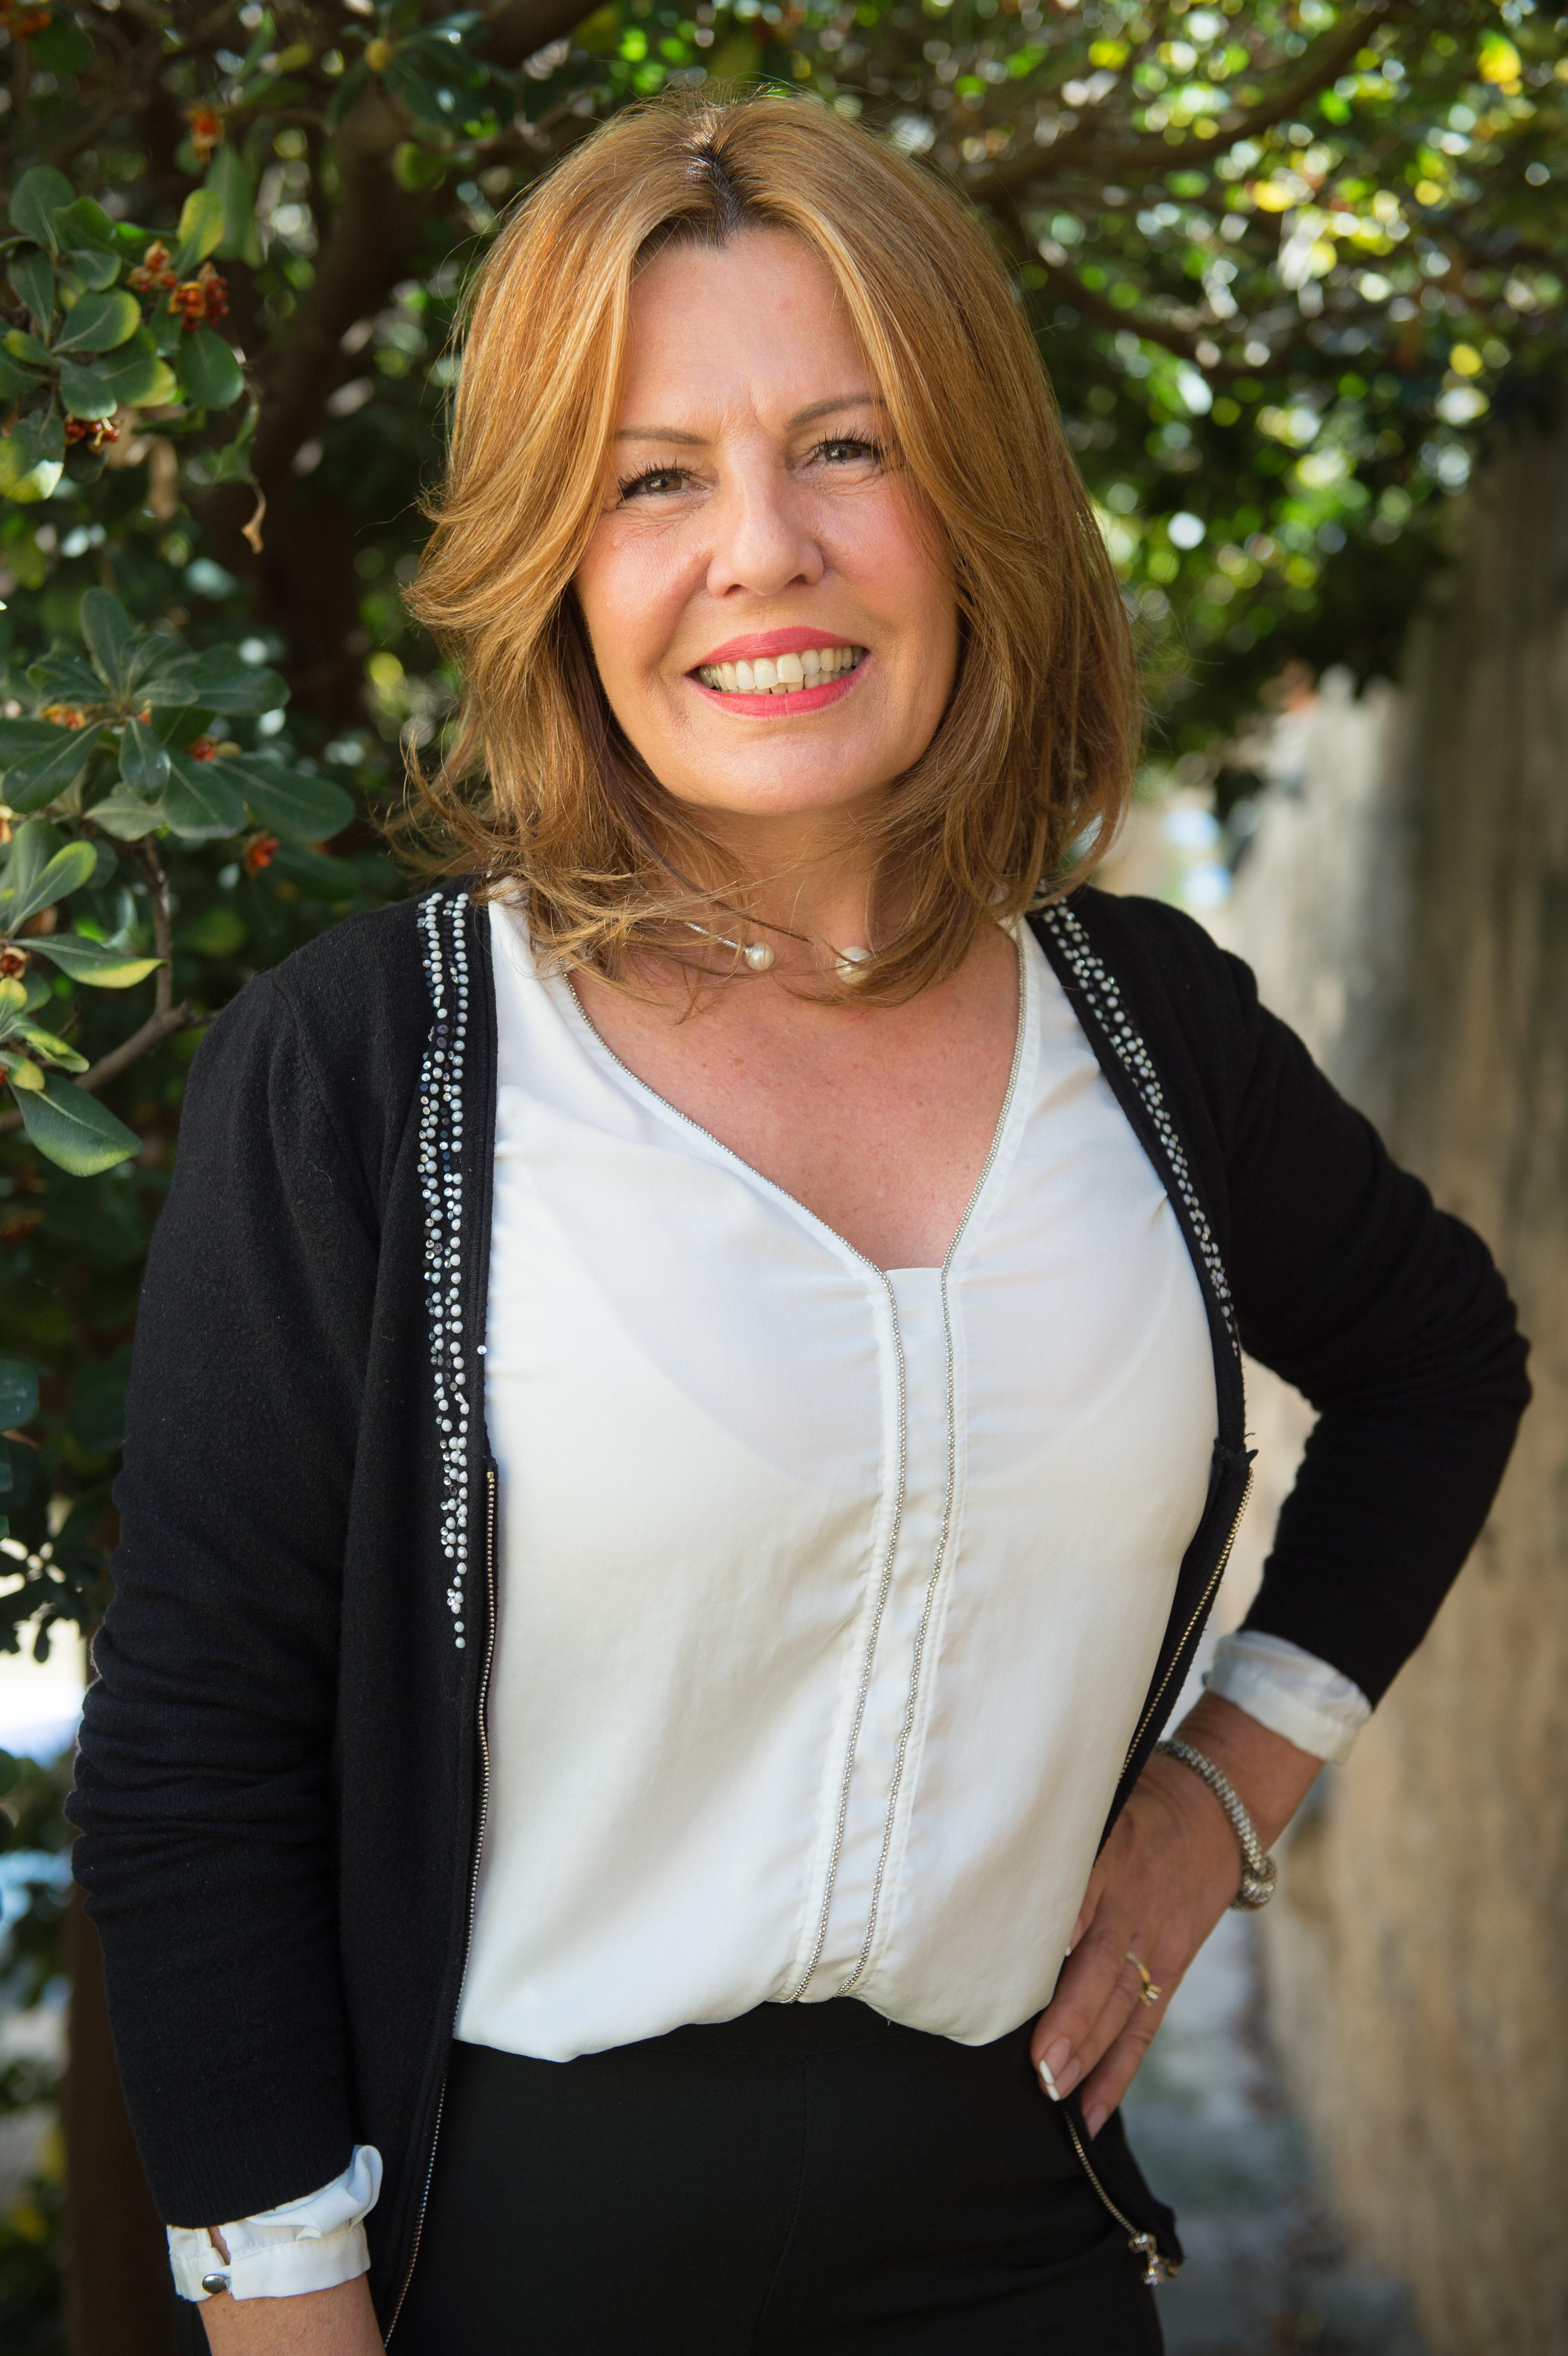 Suzanne Schembri